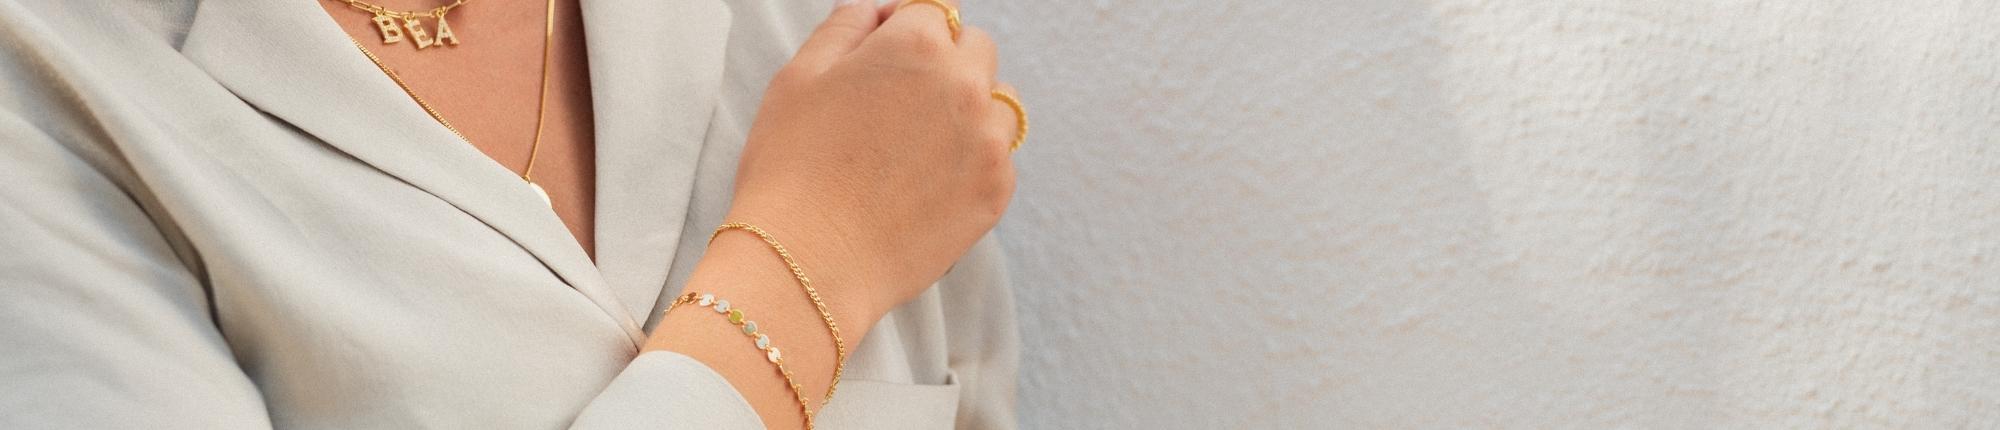 Pulseras de plata y Pulseras doradas | Pulseras baratas online